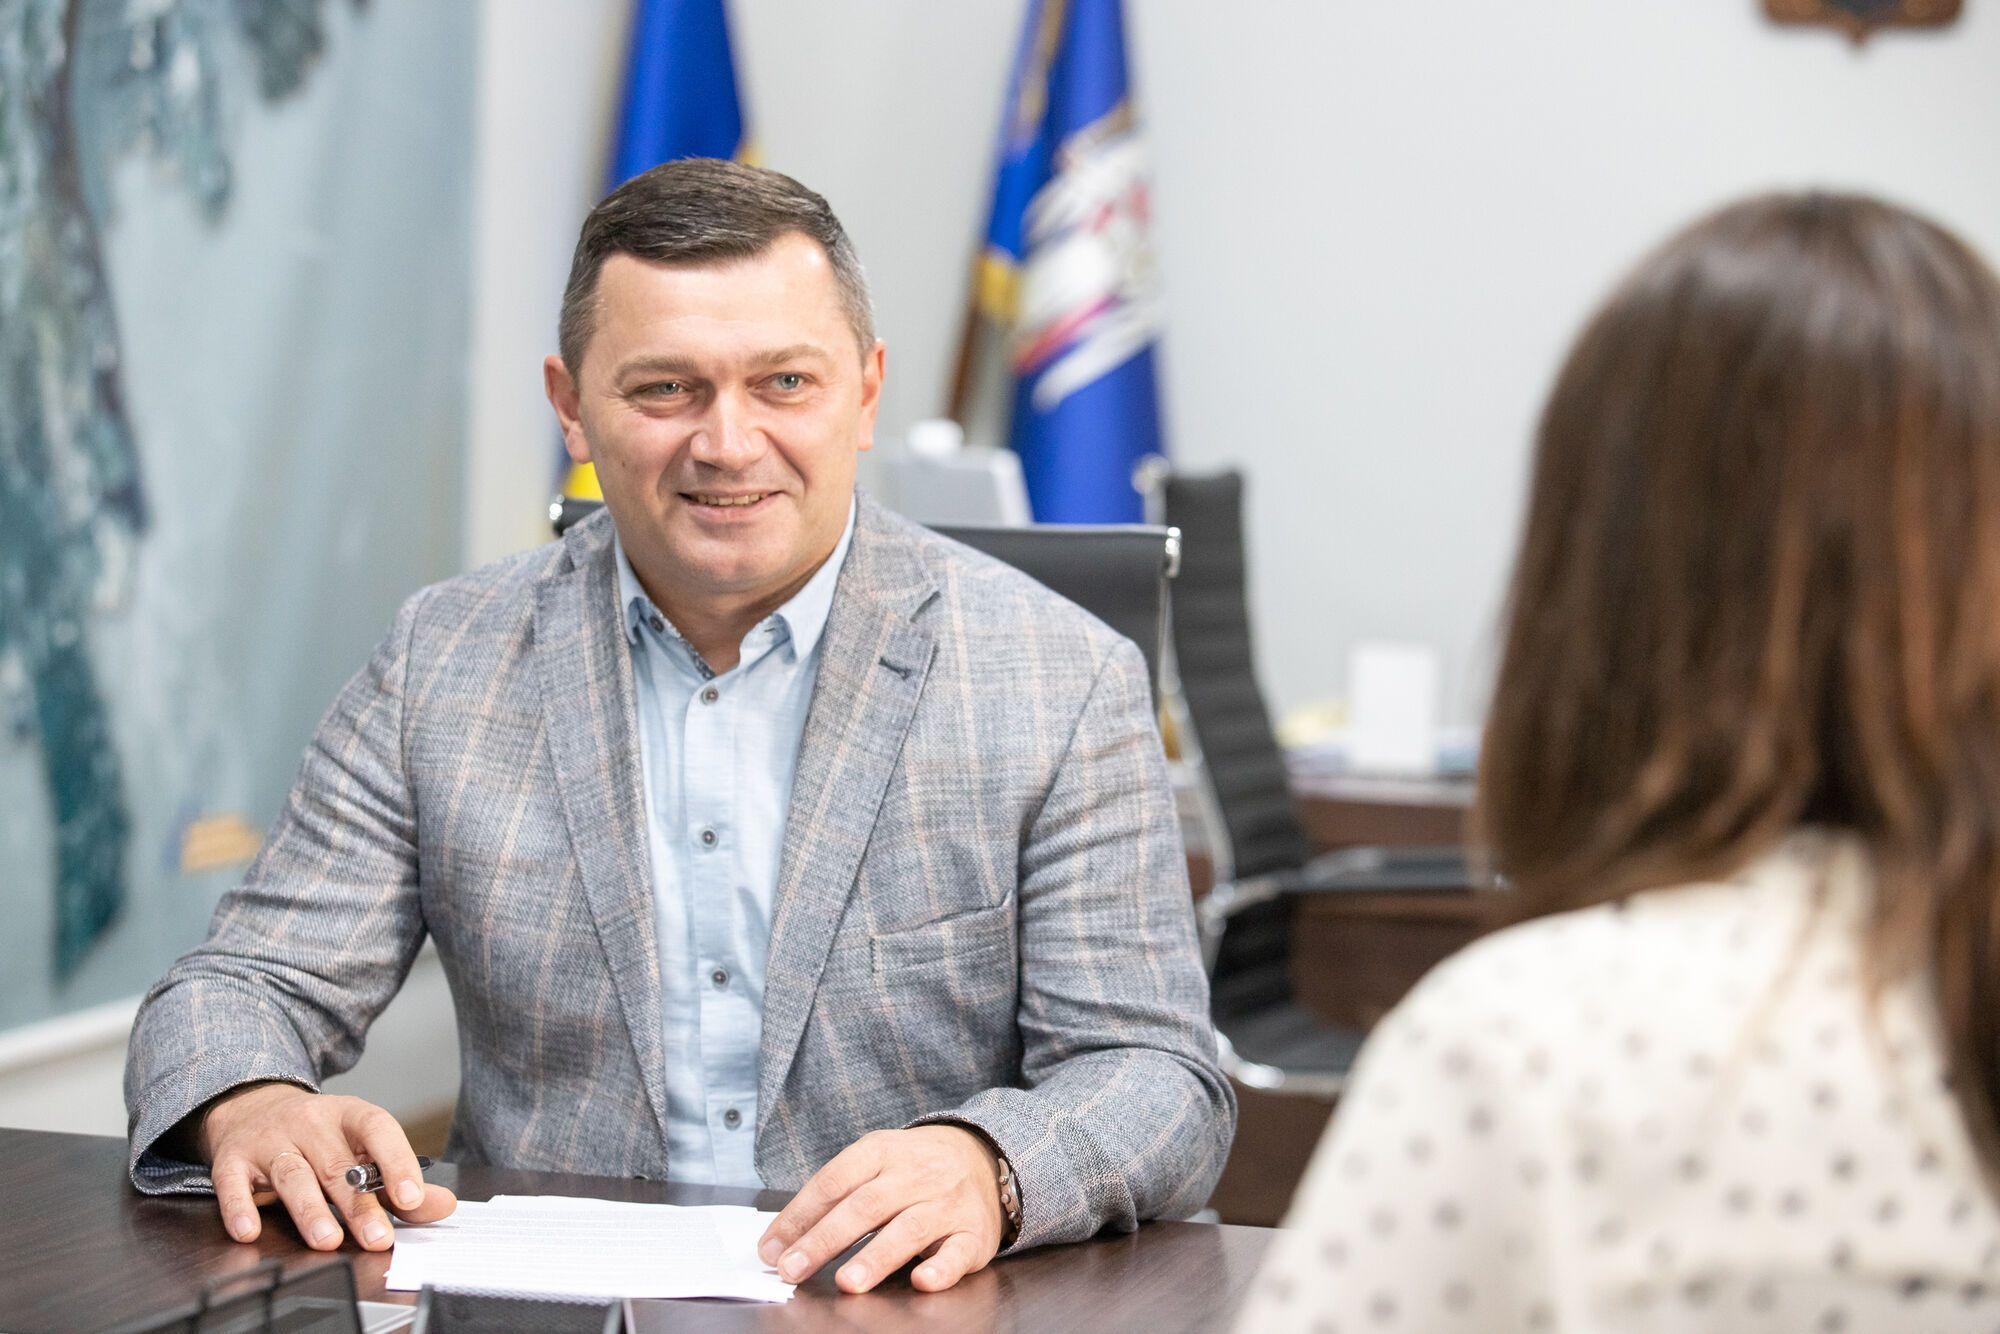 Первый зам Кличко Поворозник: обыски в Киеве – это политика. Но мы не жалуемся и продолжаем работать